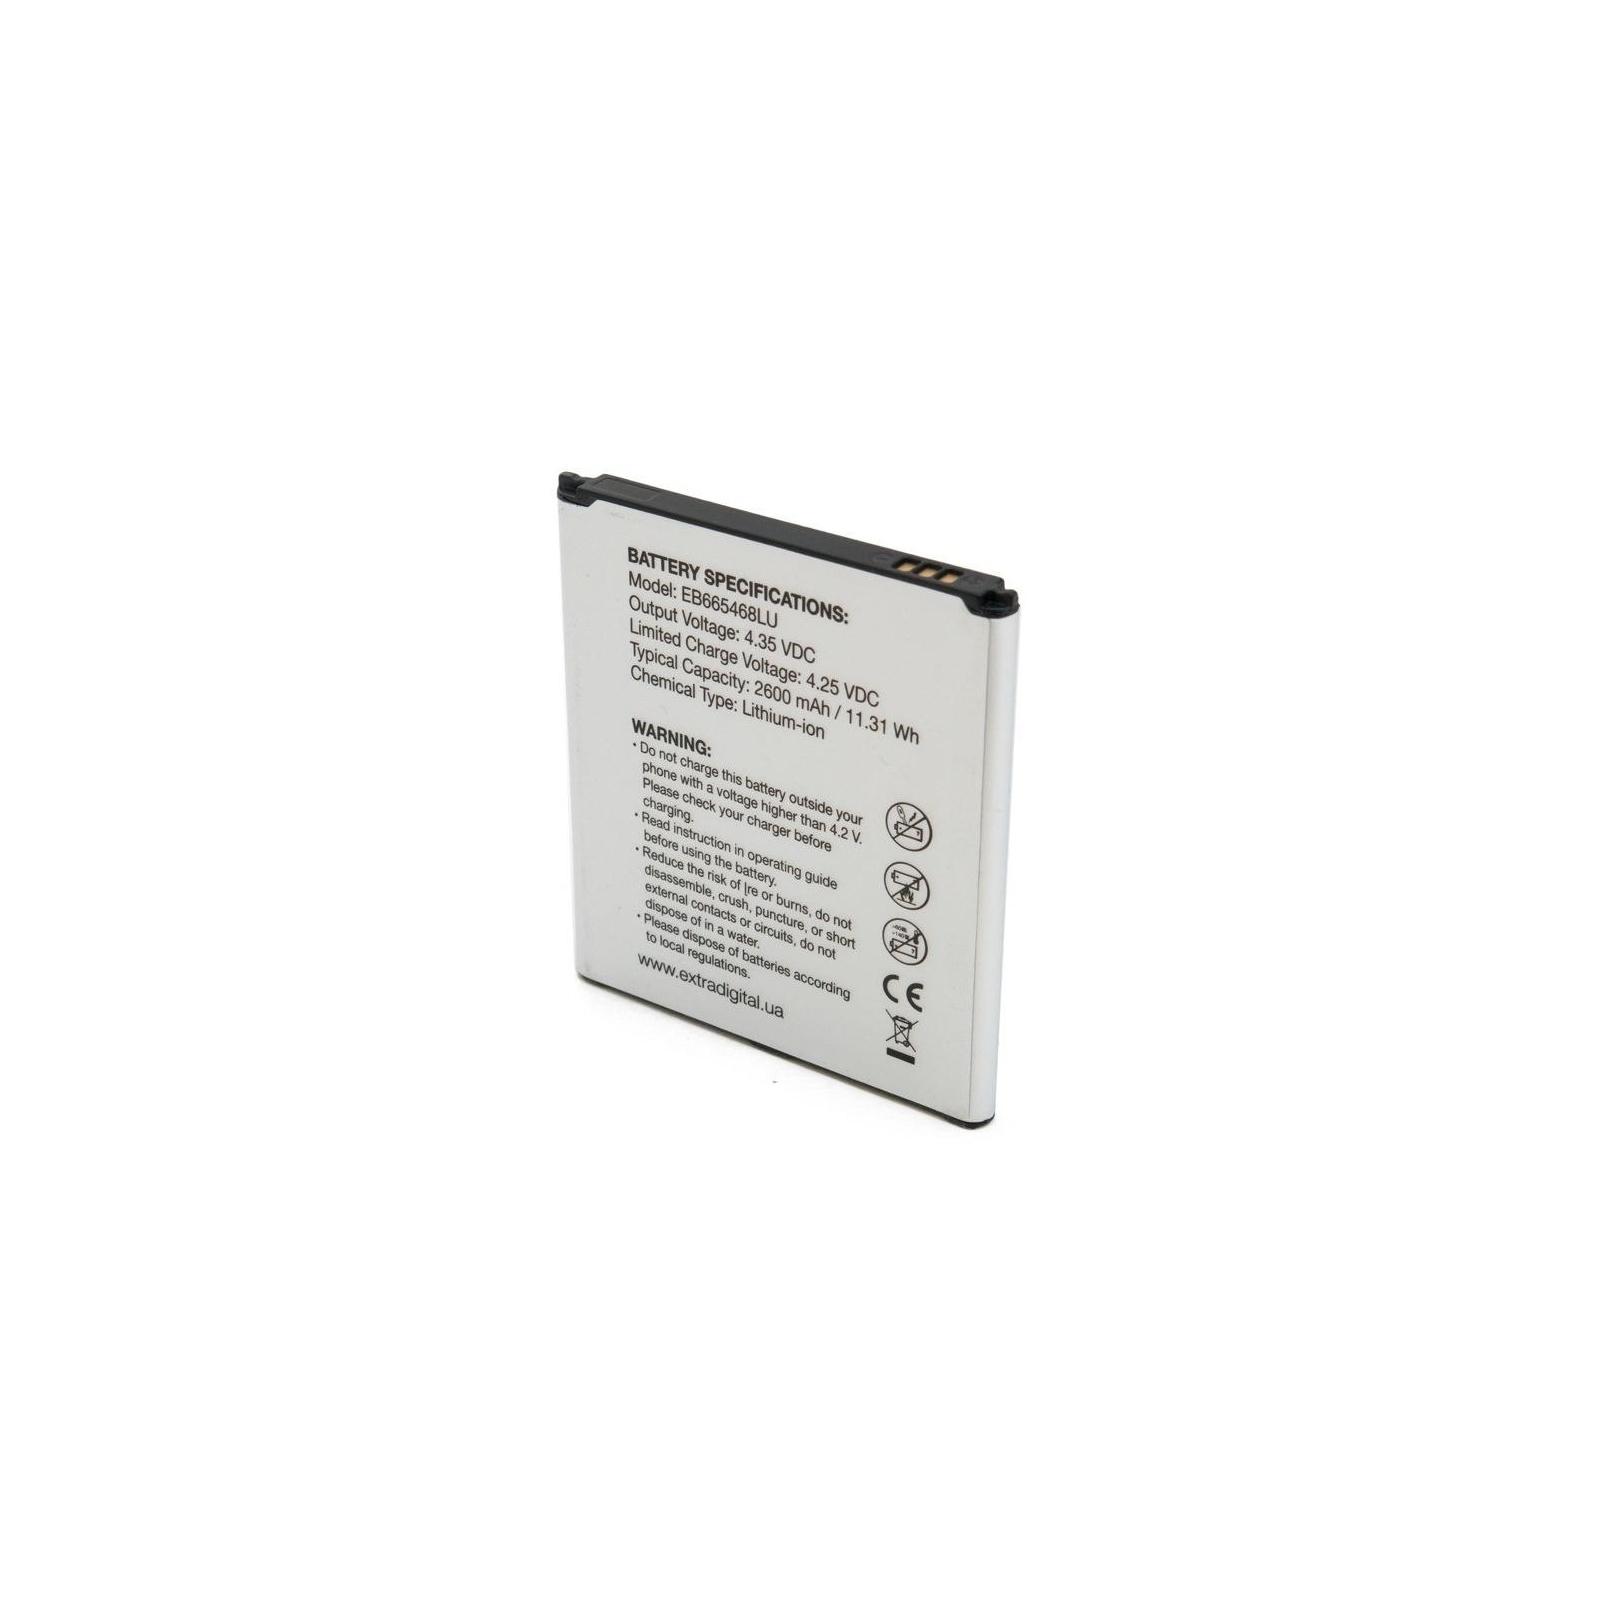 Аккумуляторная батарея EXTRADIGITAL Samsung Galaxy Grand 2 Duos G7102 (2600 mAh, EB665468LU) (BMS6417) изображение 4